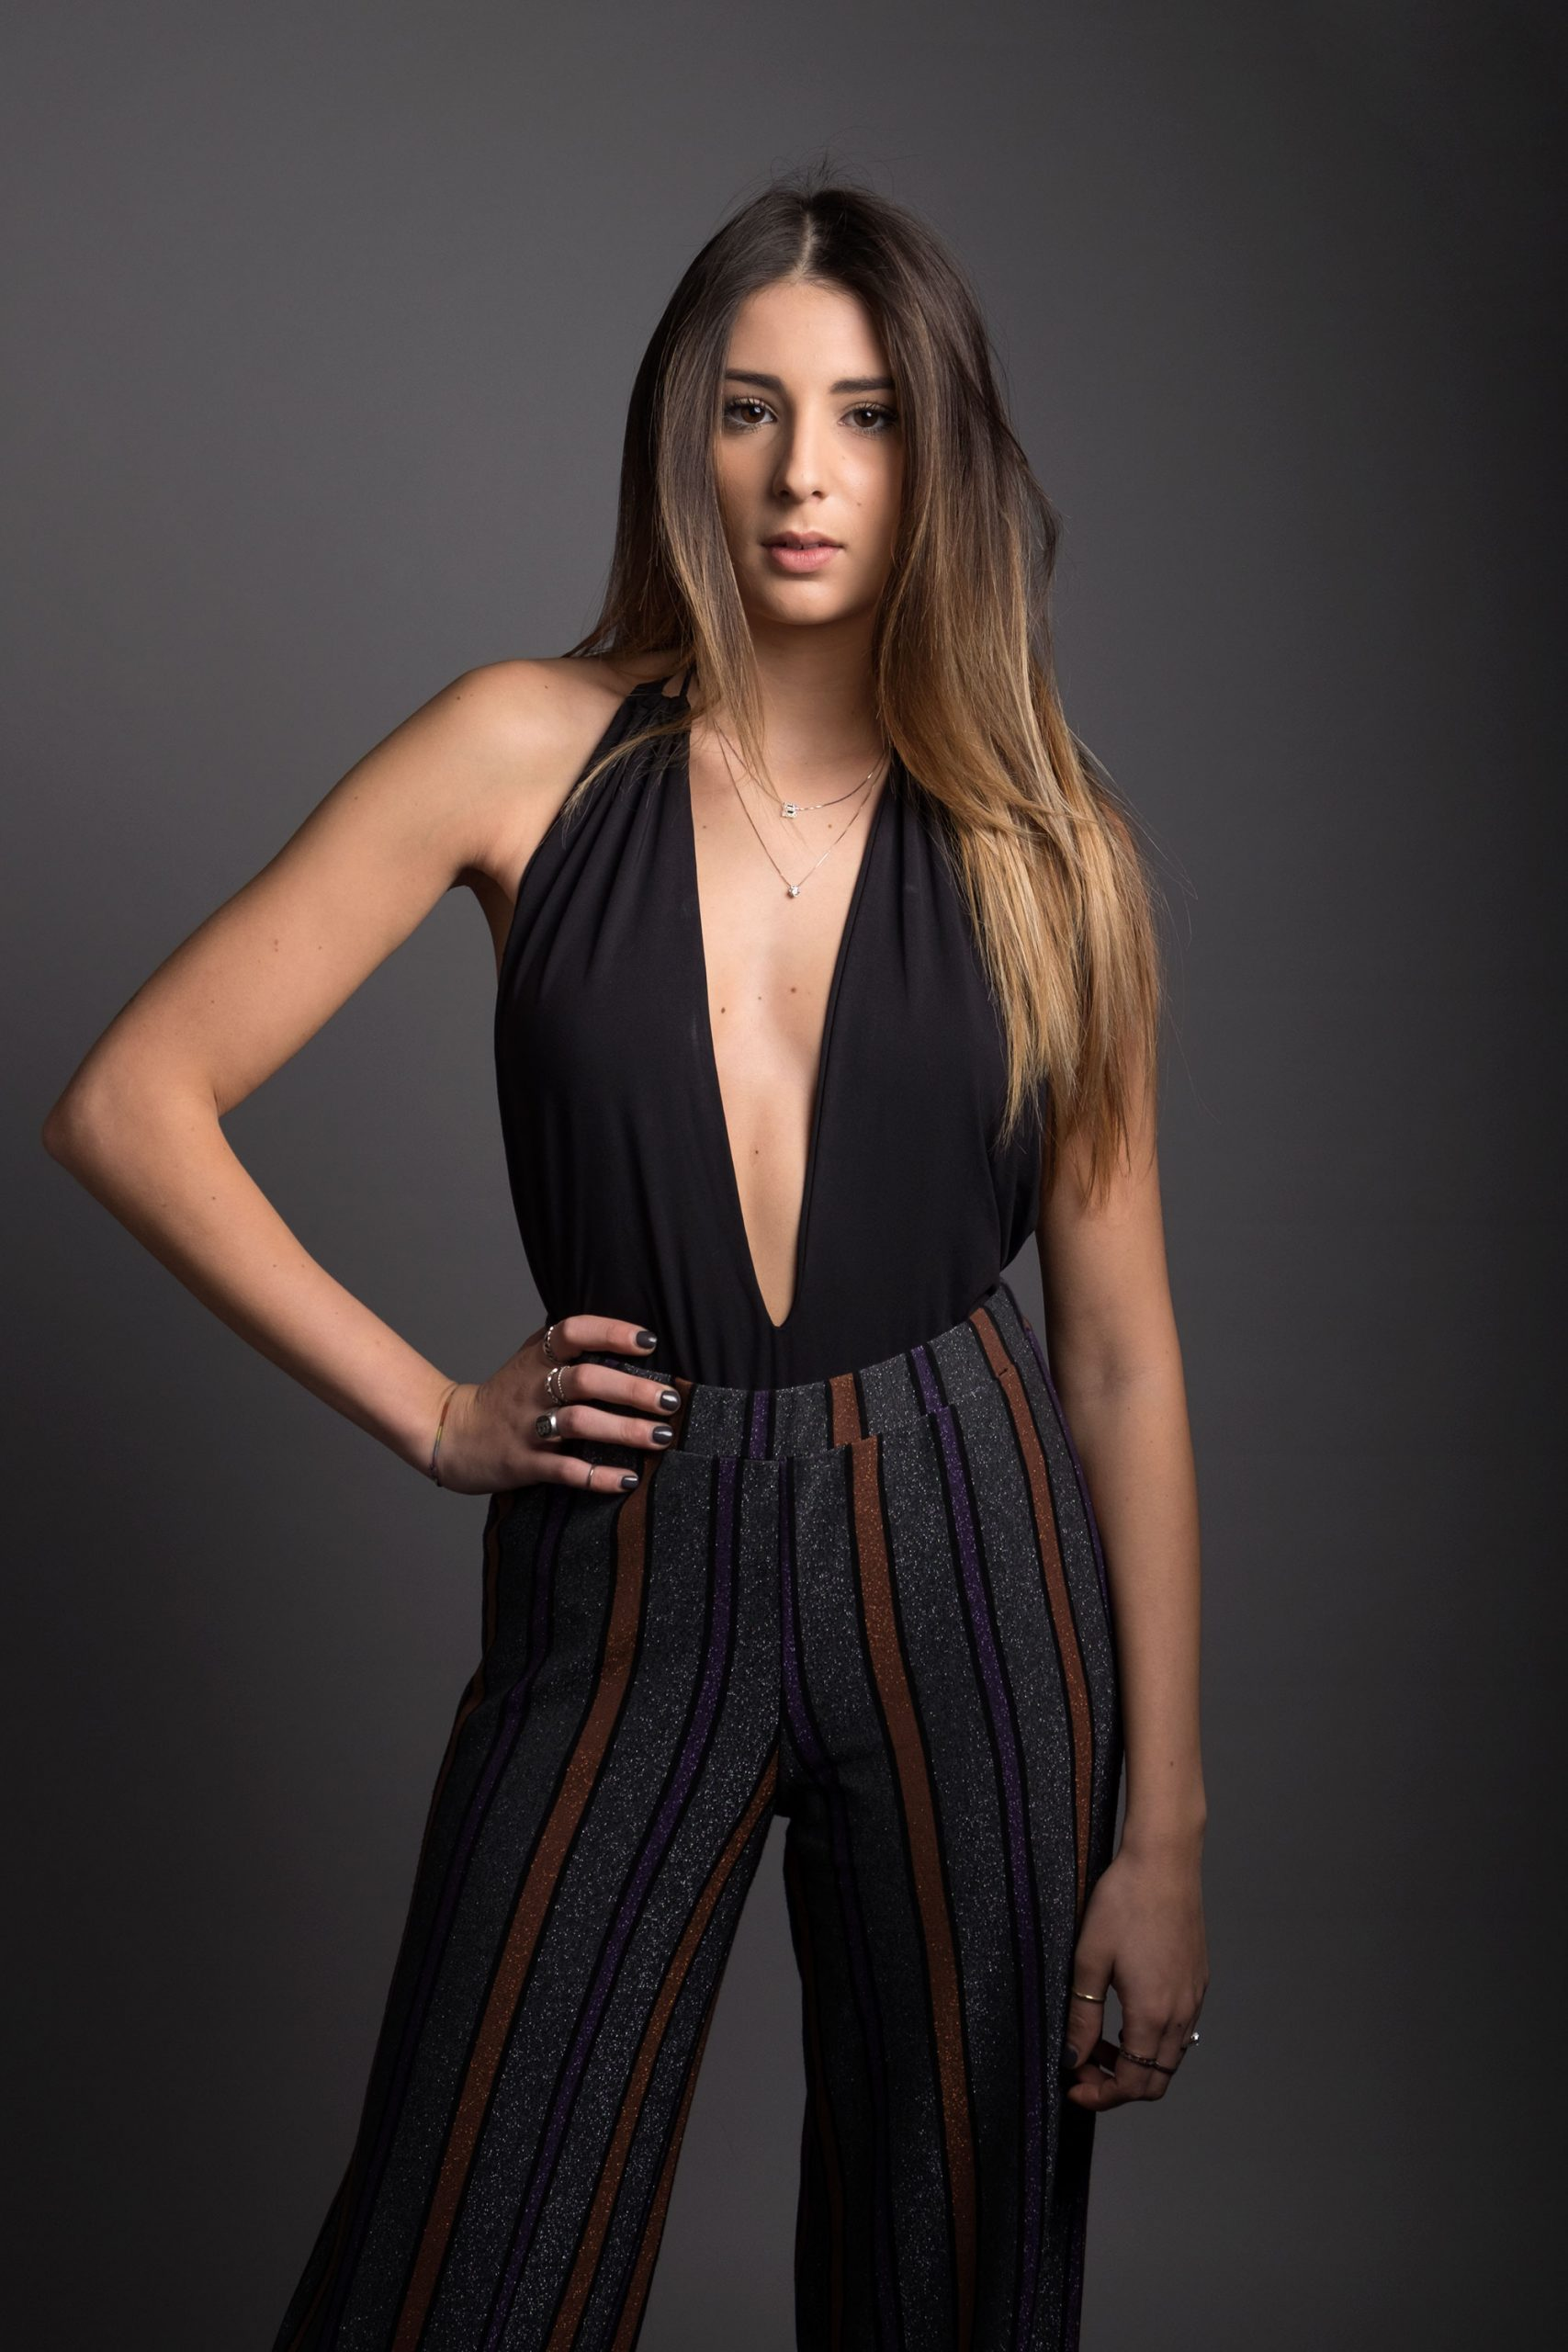 Beatrice F. - Creative Models - Agenzia Modelle Brescia - Fotomodelle